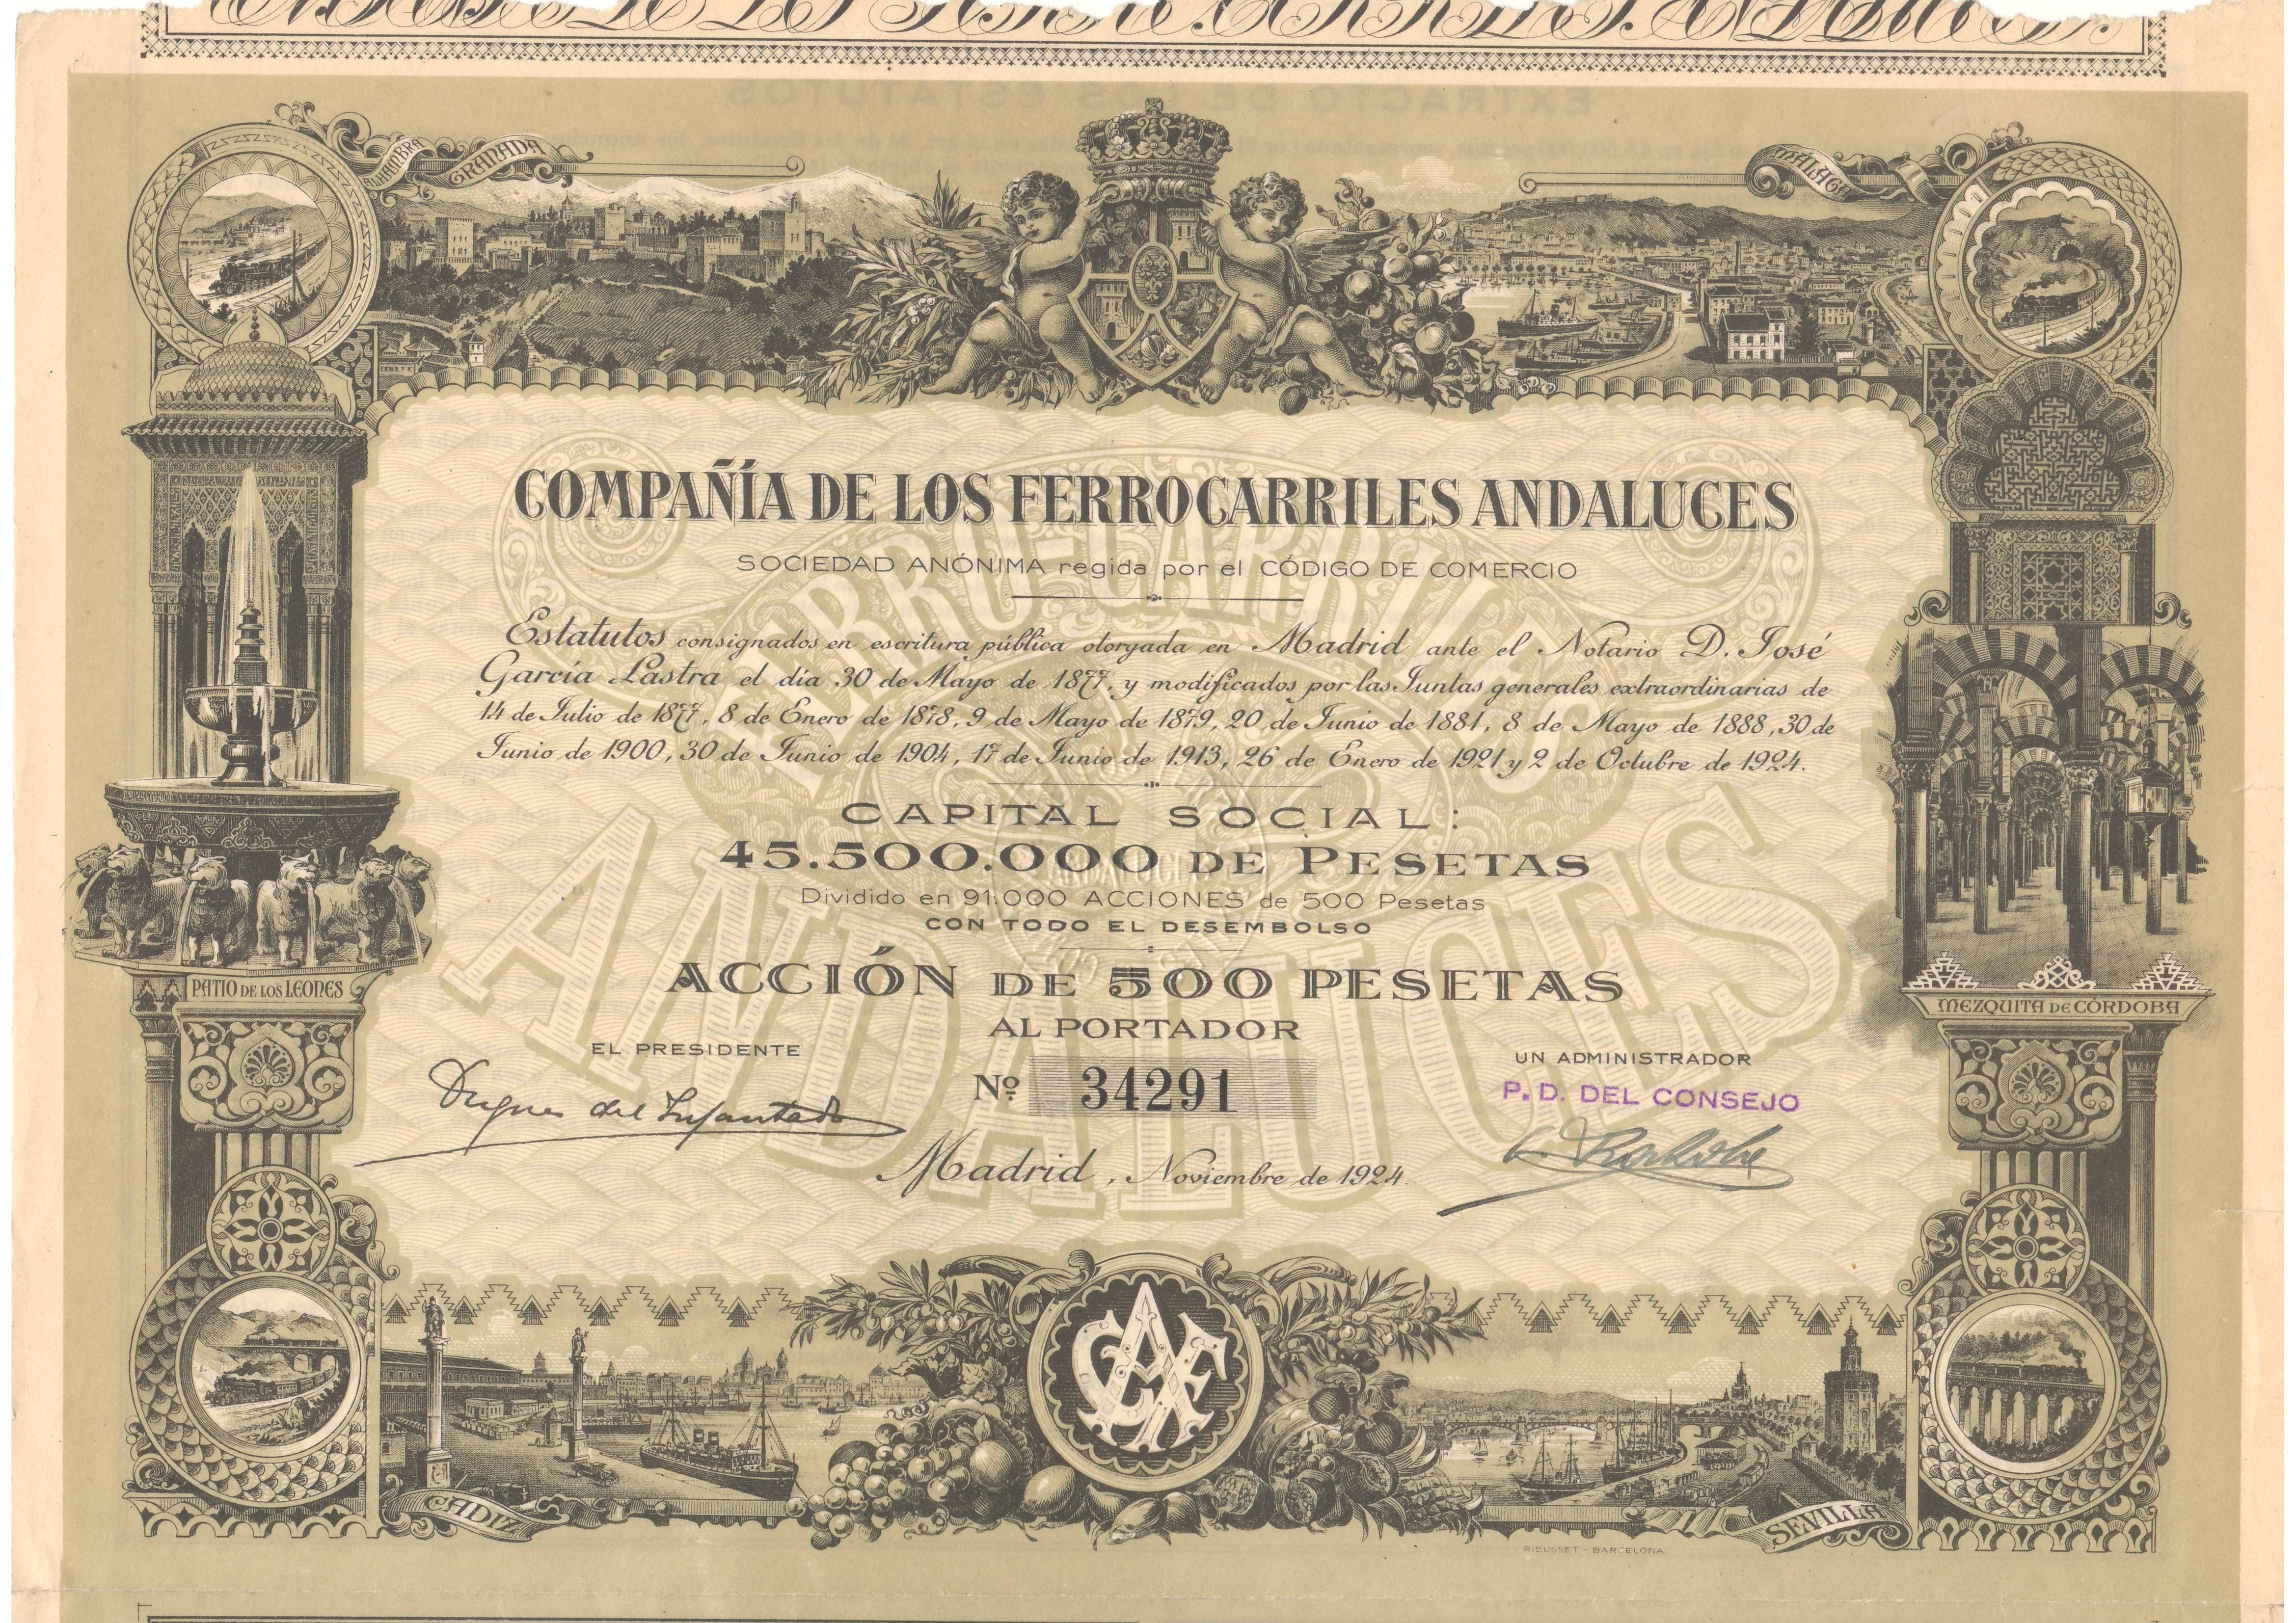 Compañía de los Ferrocarriles Andaluces